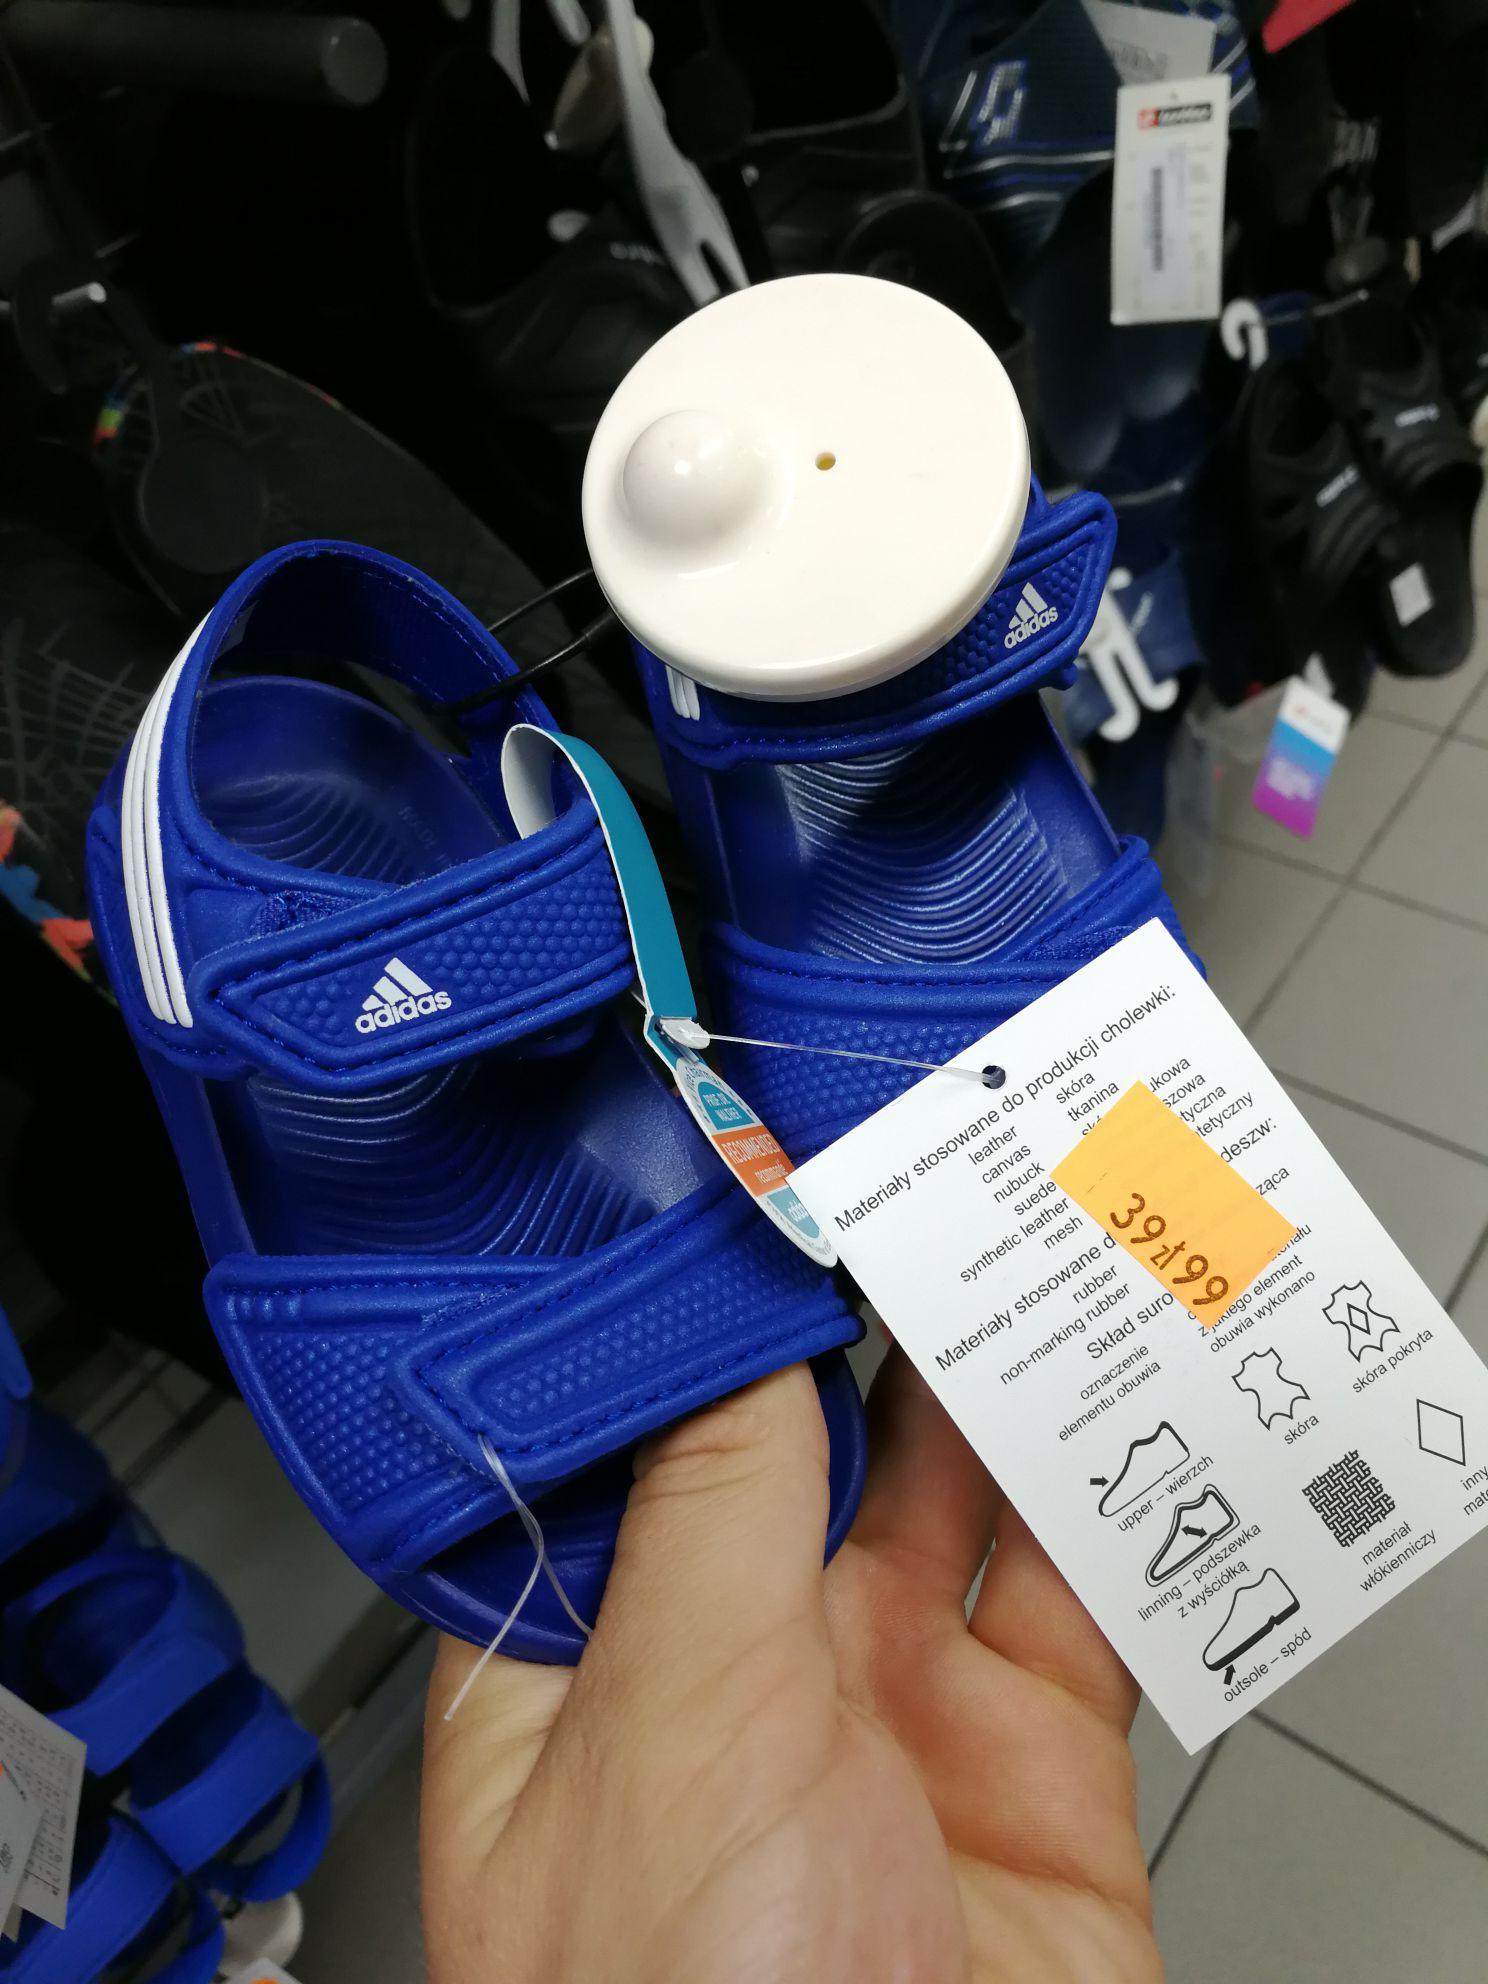 Klapki dla dzieci Adidas Akwah stacjonarnie @50style